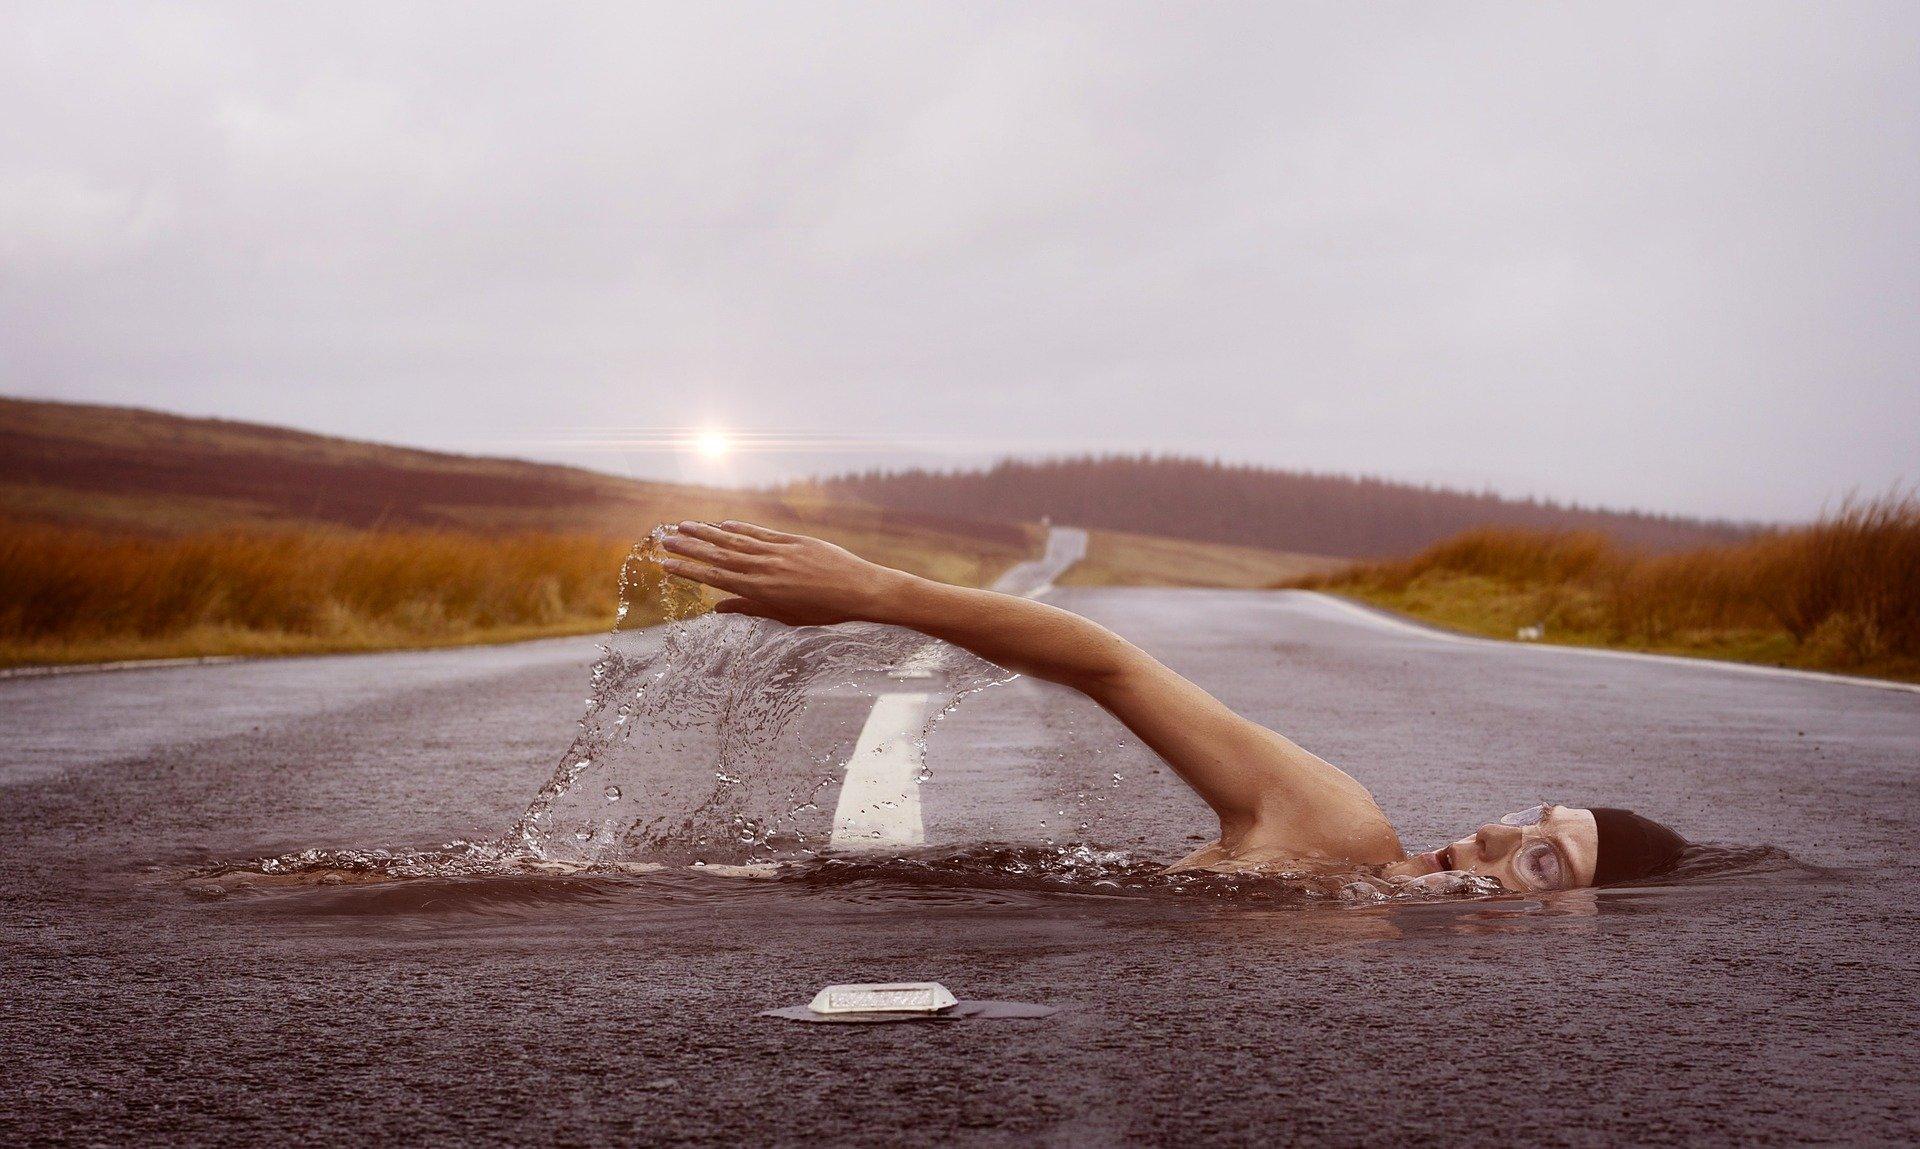 un uomo che attraversa una strada nuotando